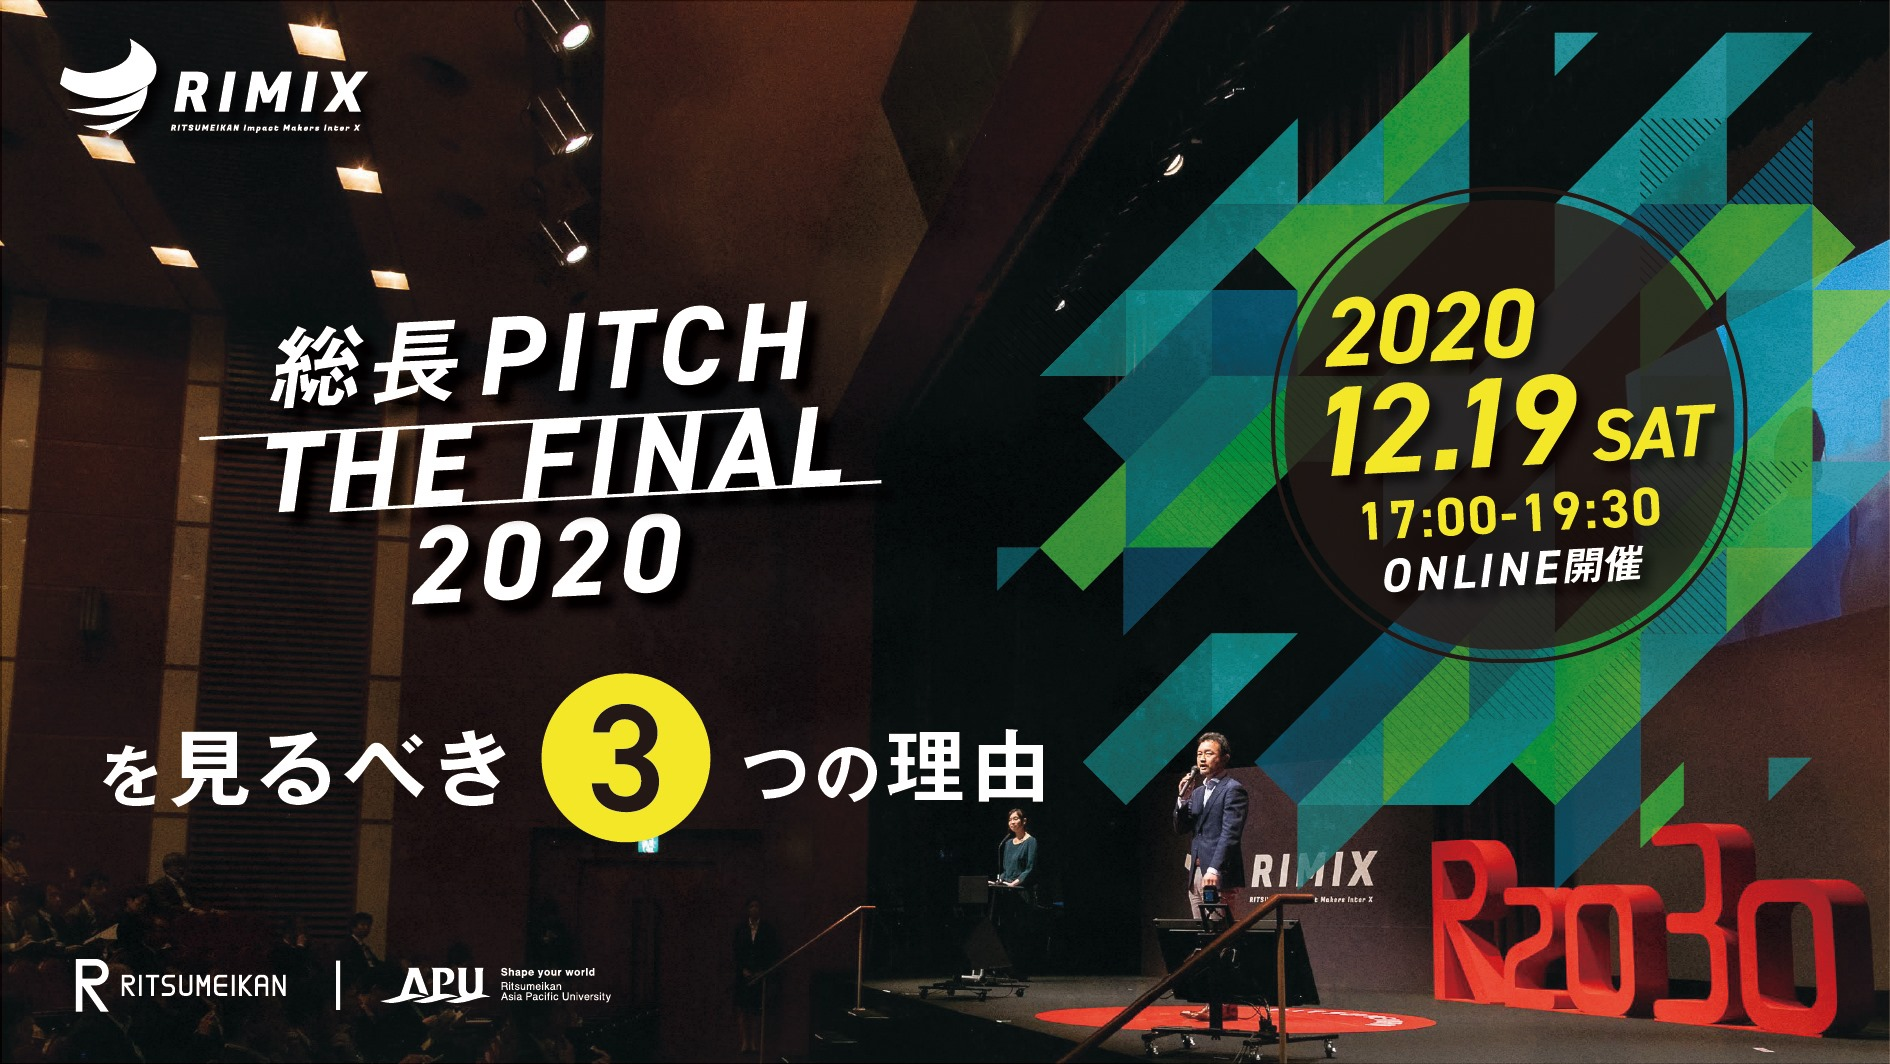 開催直前!RIMIXスタッフが語る「総長PITCH THE FINAL 2020を見るべき3つの理由」